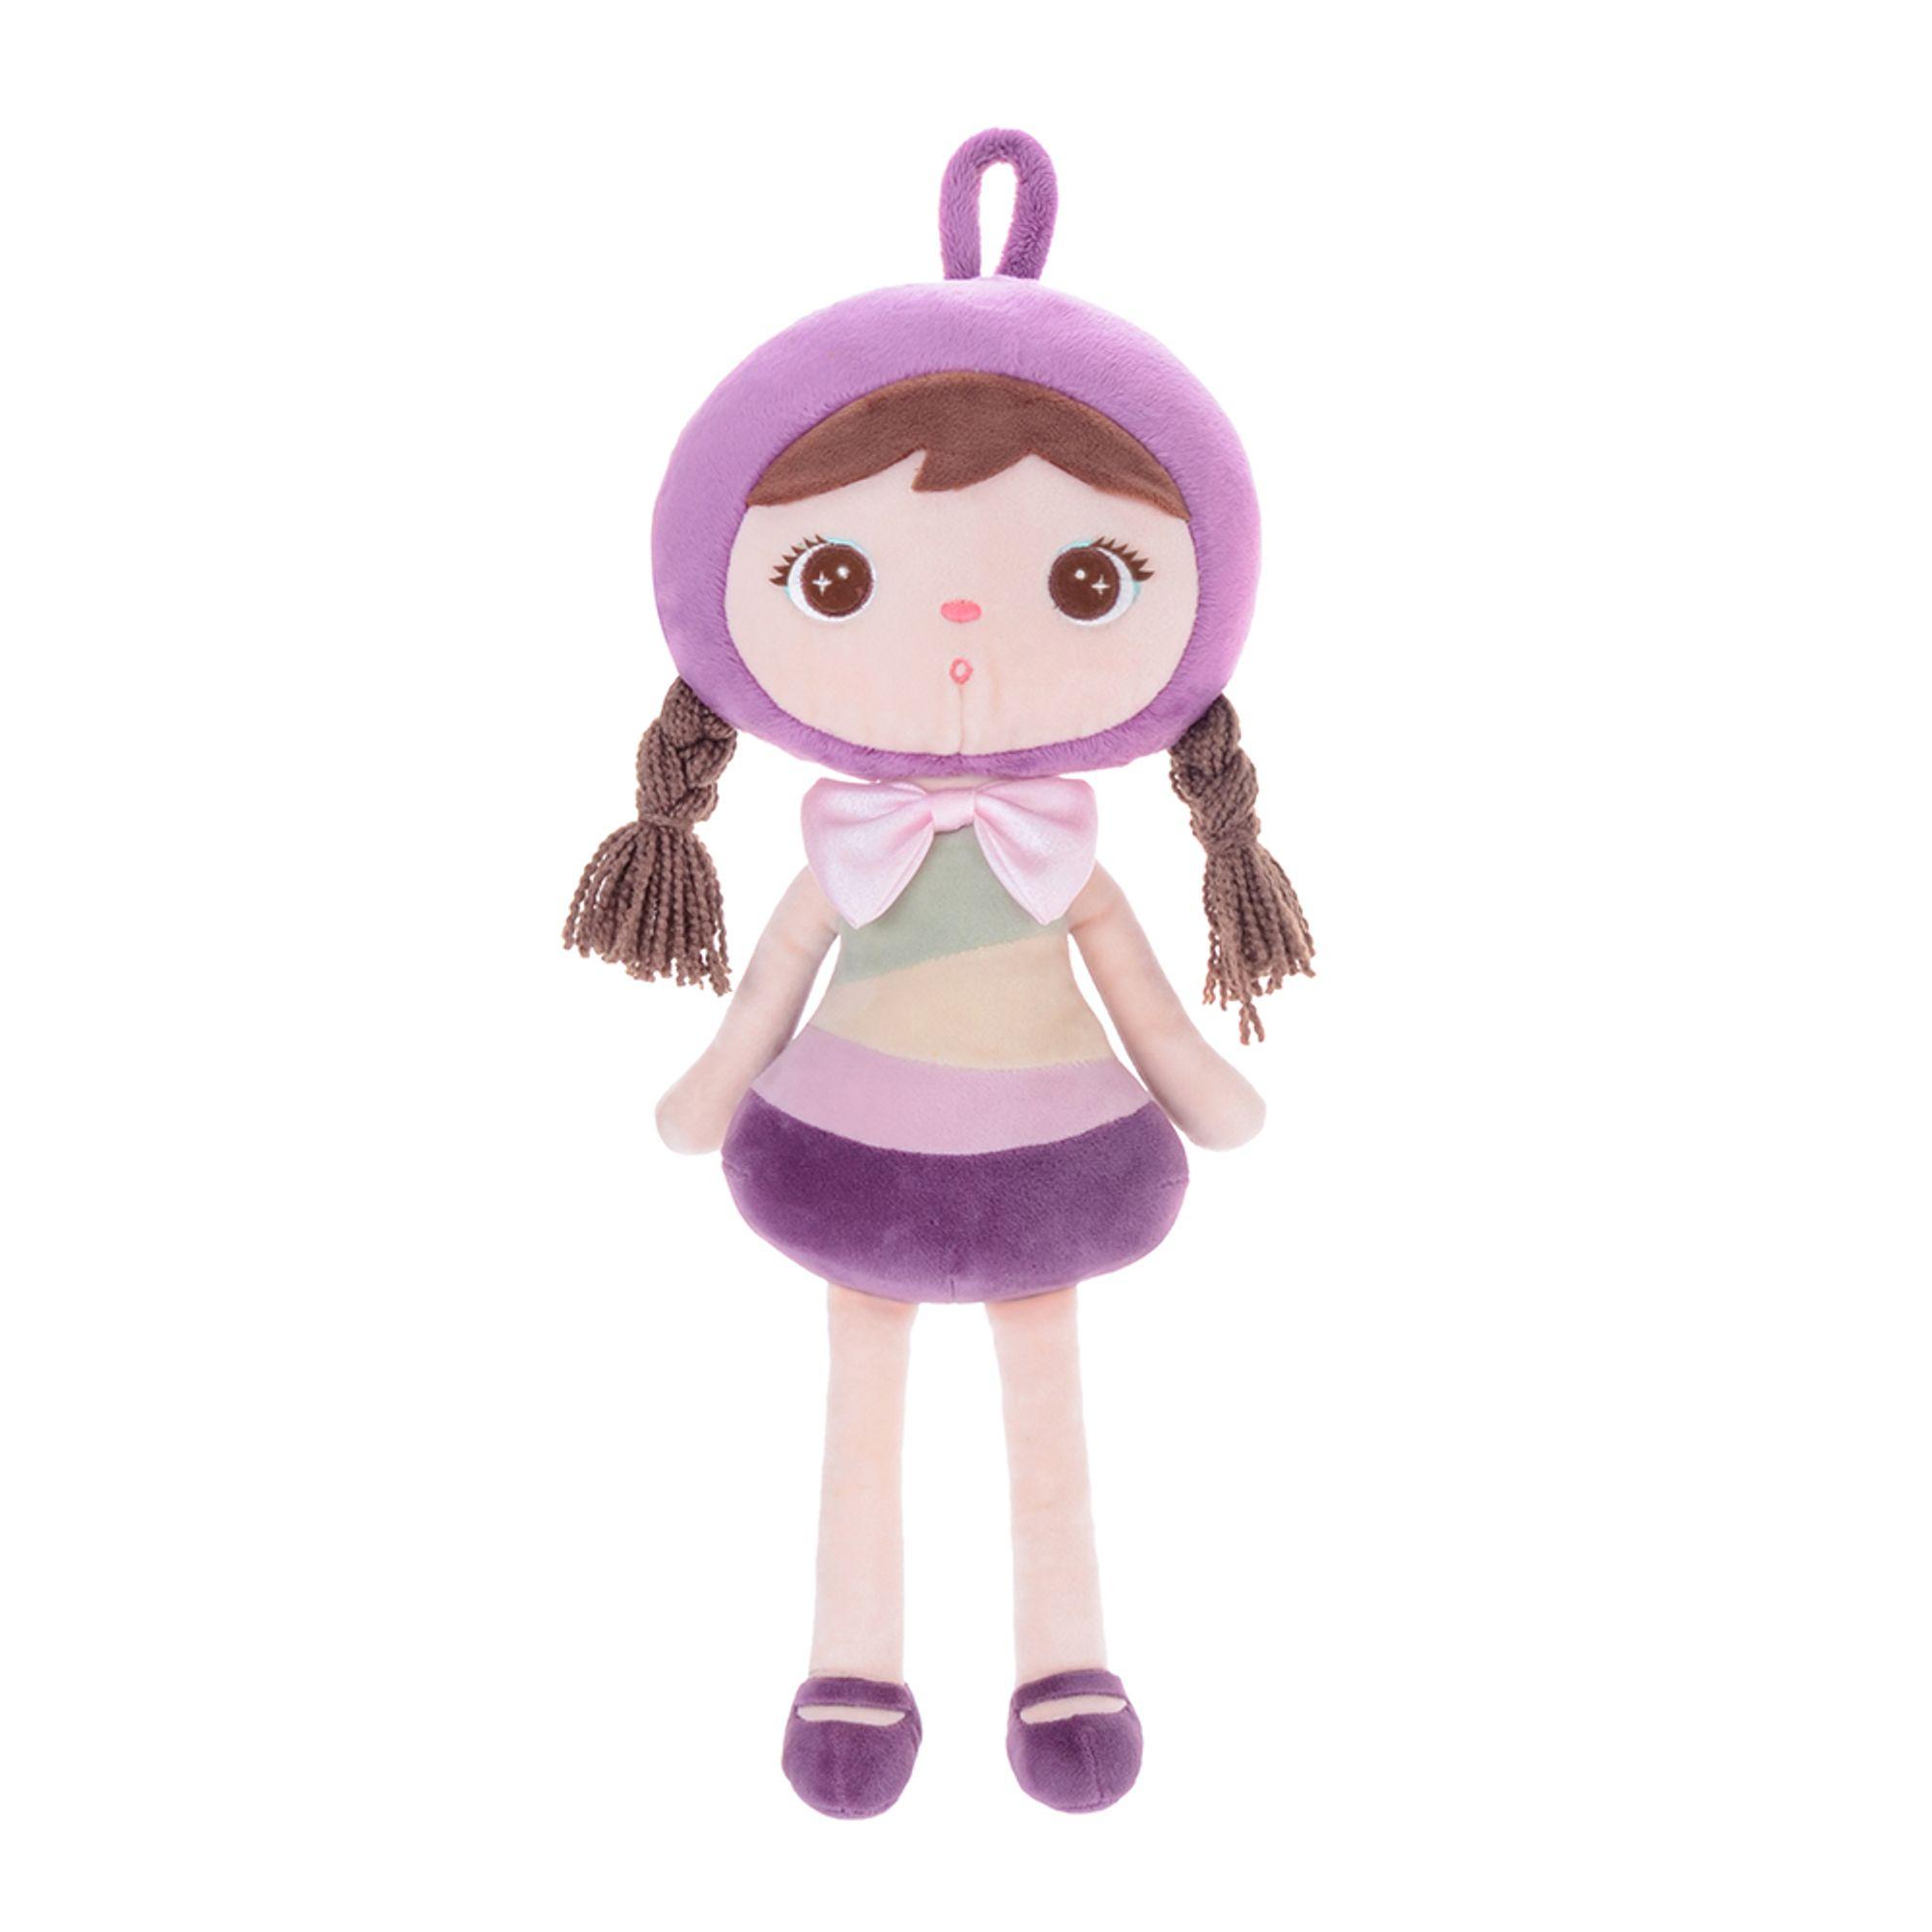 boneca-metoo-jimbao-amora-violeta-46cm-1